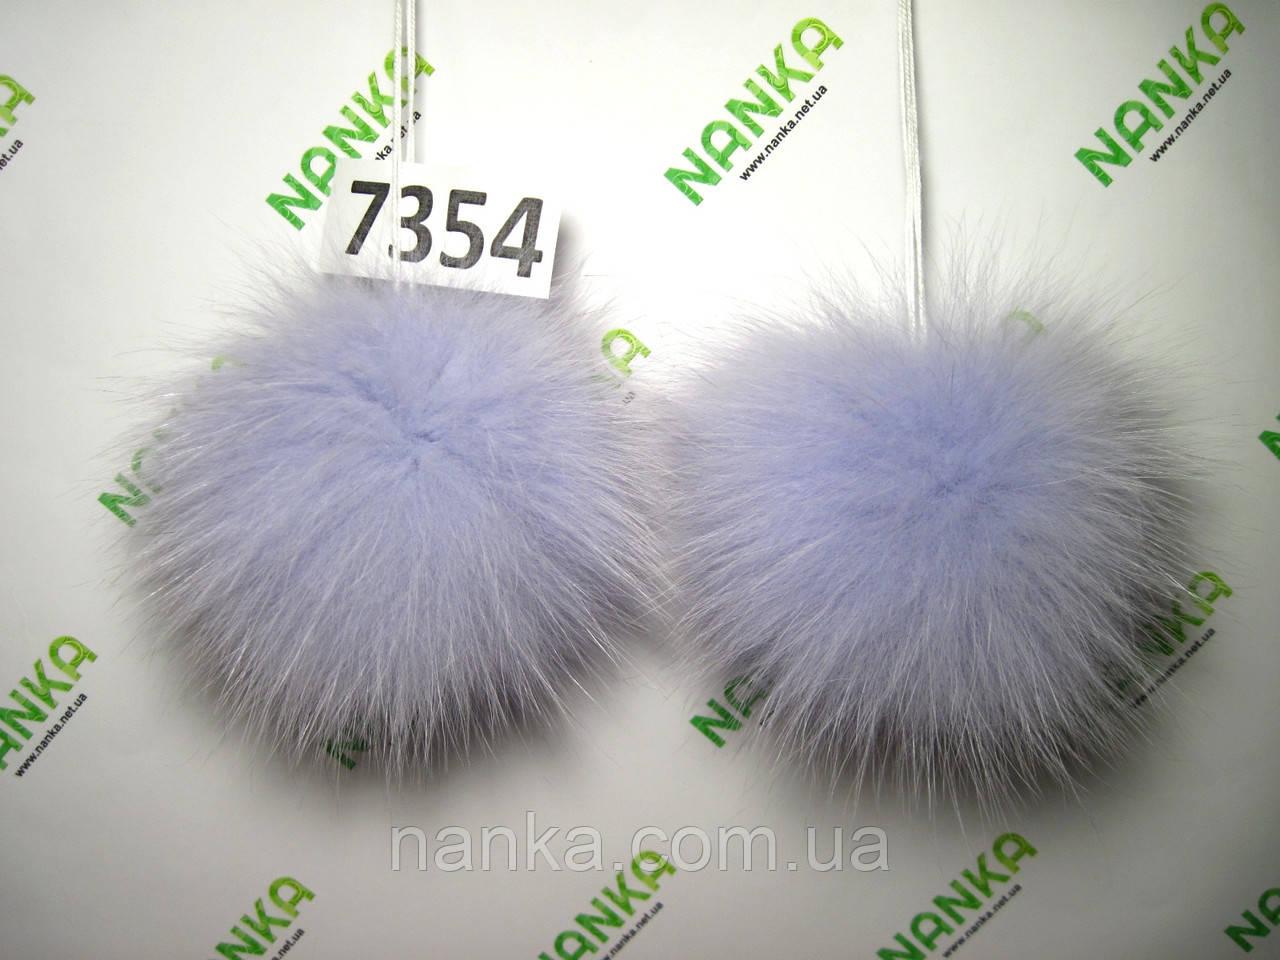 Меховой помпон Песец, Голубой, 12 см, пара 7354